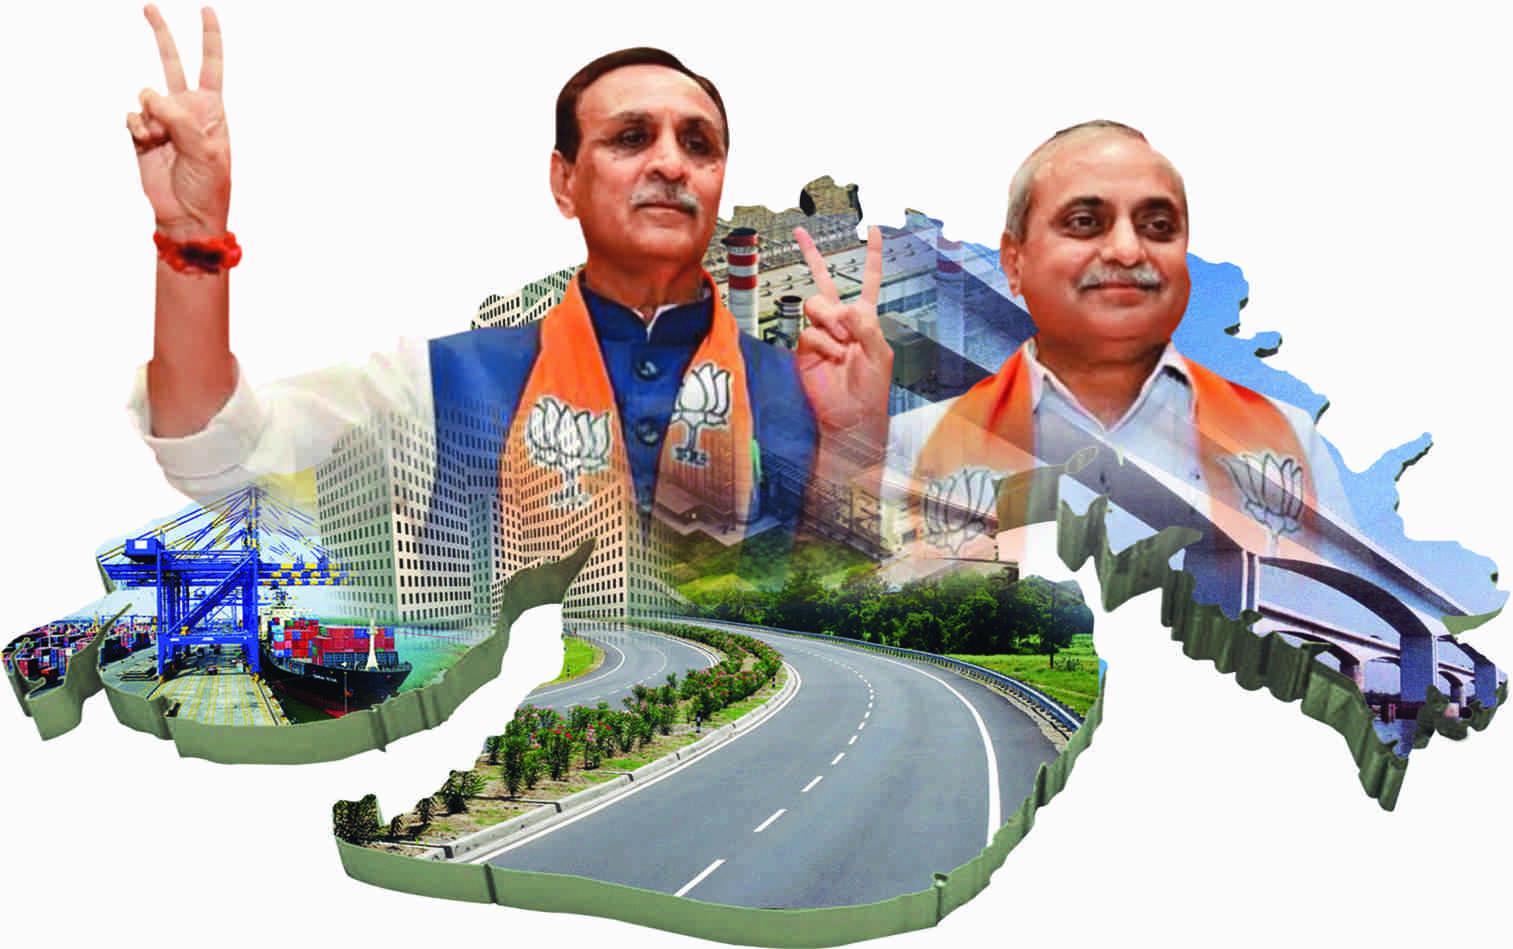 મુખ્યમંત્રી શ્રી વિજયભાઈ રૂપાણી અને નાયબ મુખ્યમંત્રી શ્રી નીતિનભાઈ પટેલના નેતૃત્વમાંવિકાસની રાહ પર ગુજરાતની આગેકૂચ